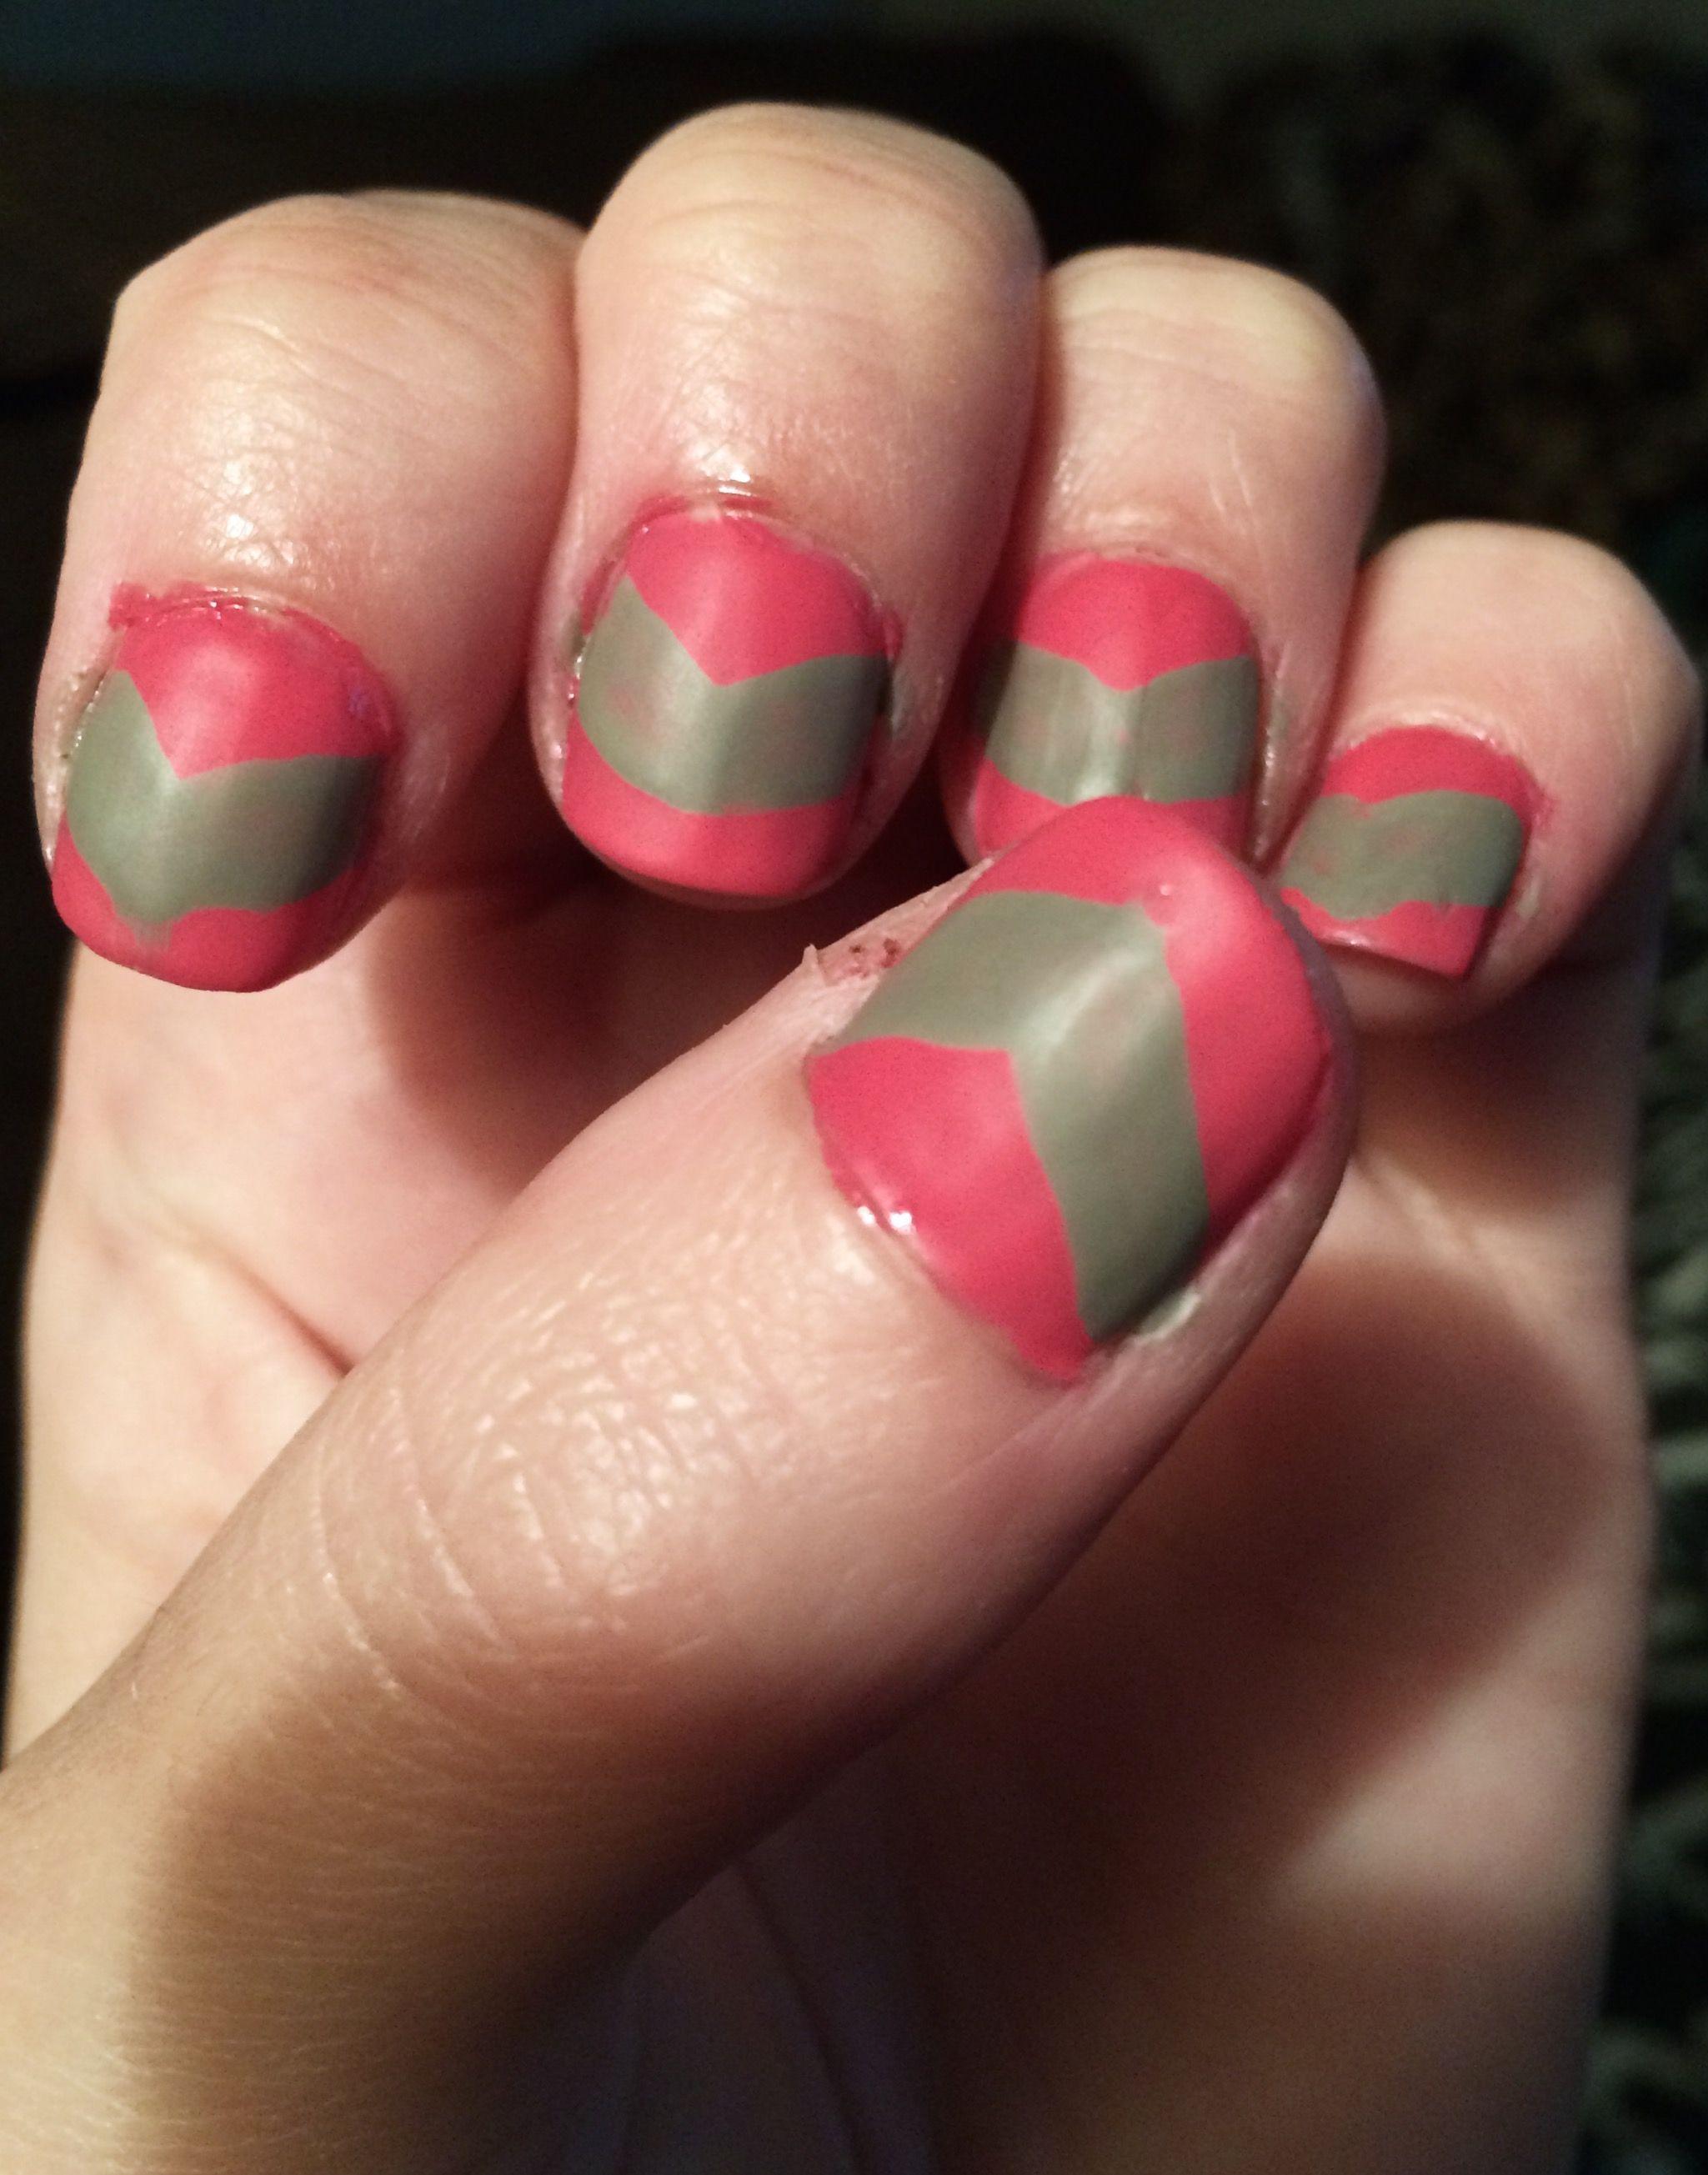 Pin by Timeeka Moore on Nail Art   Nails, Nail art, Beauty